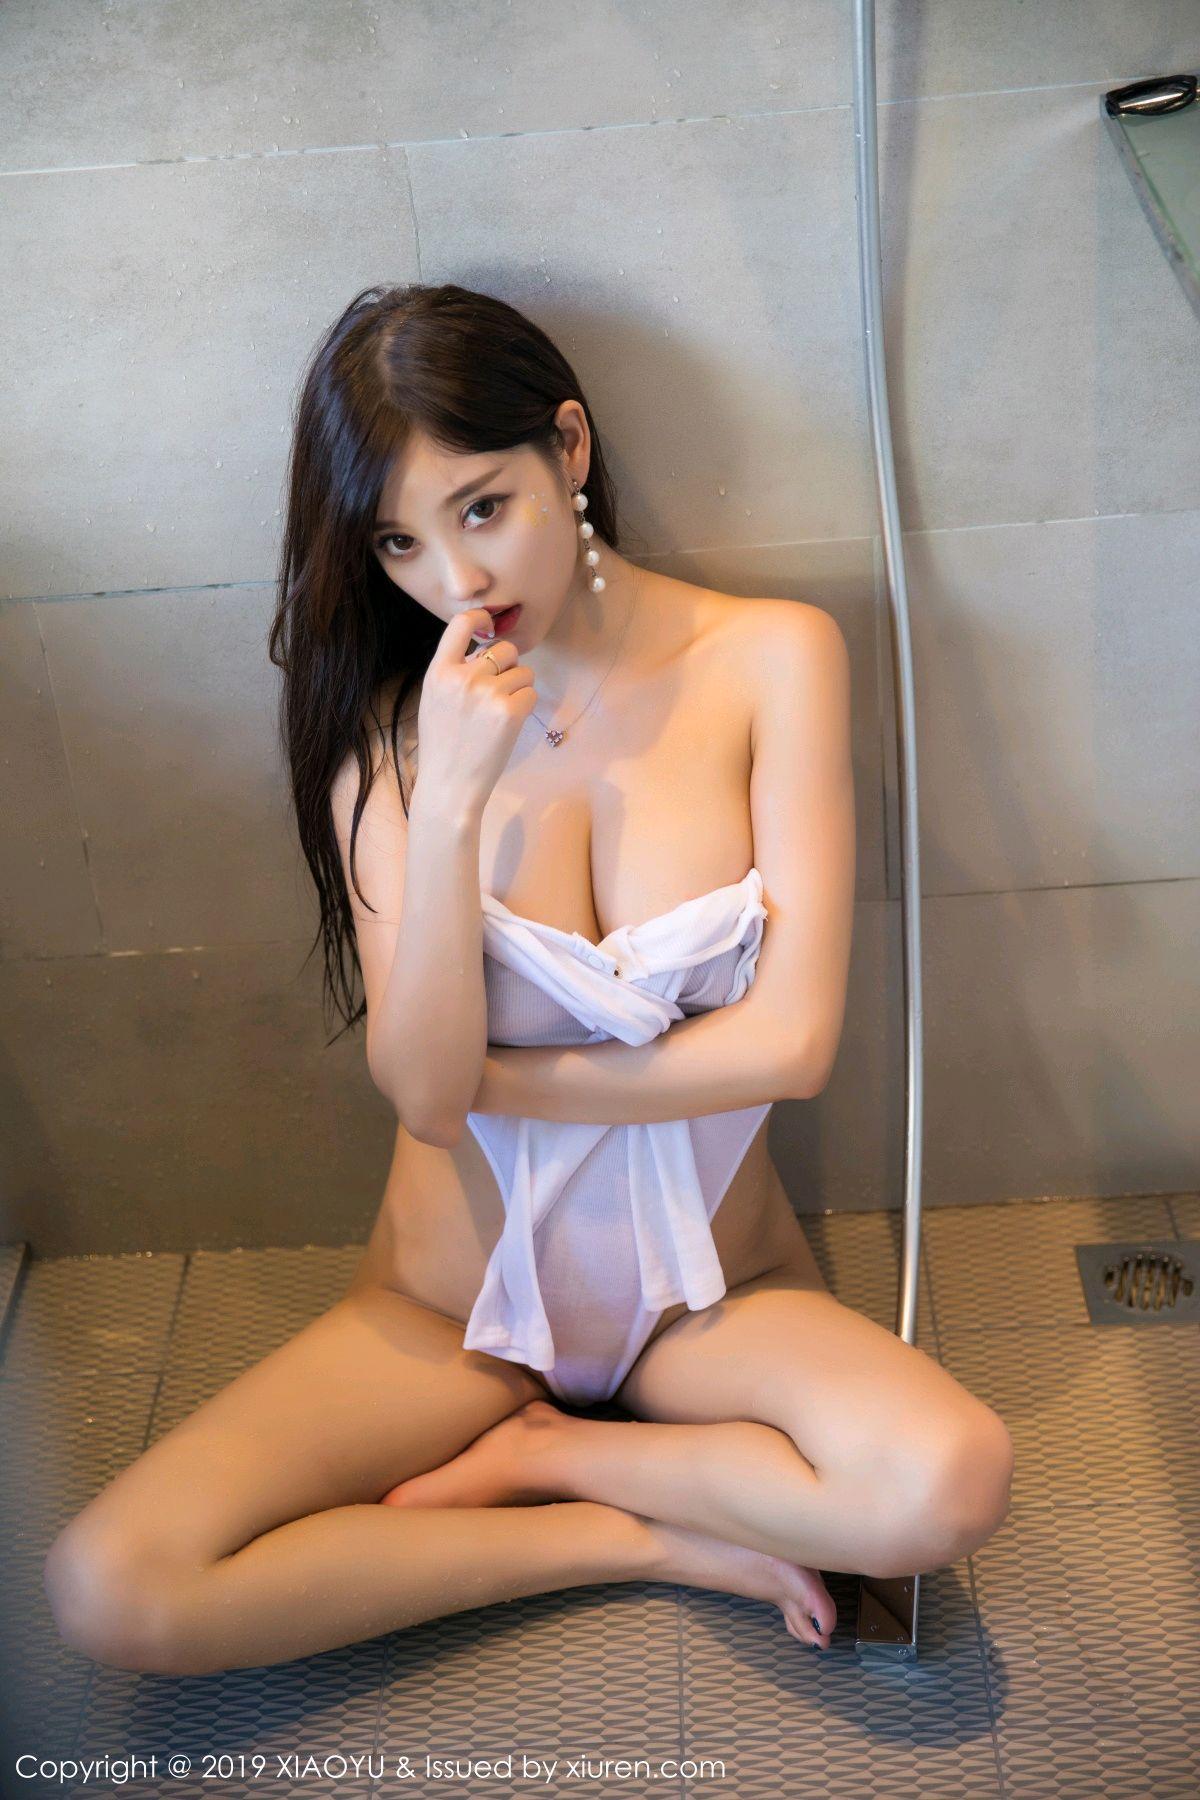 [XiaoYu] Vol.089 Yang Chen Chen 32P, Bathroom, Wet, XiaoYu, Yang Chen Chen